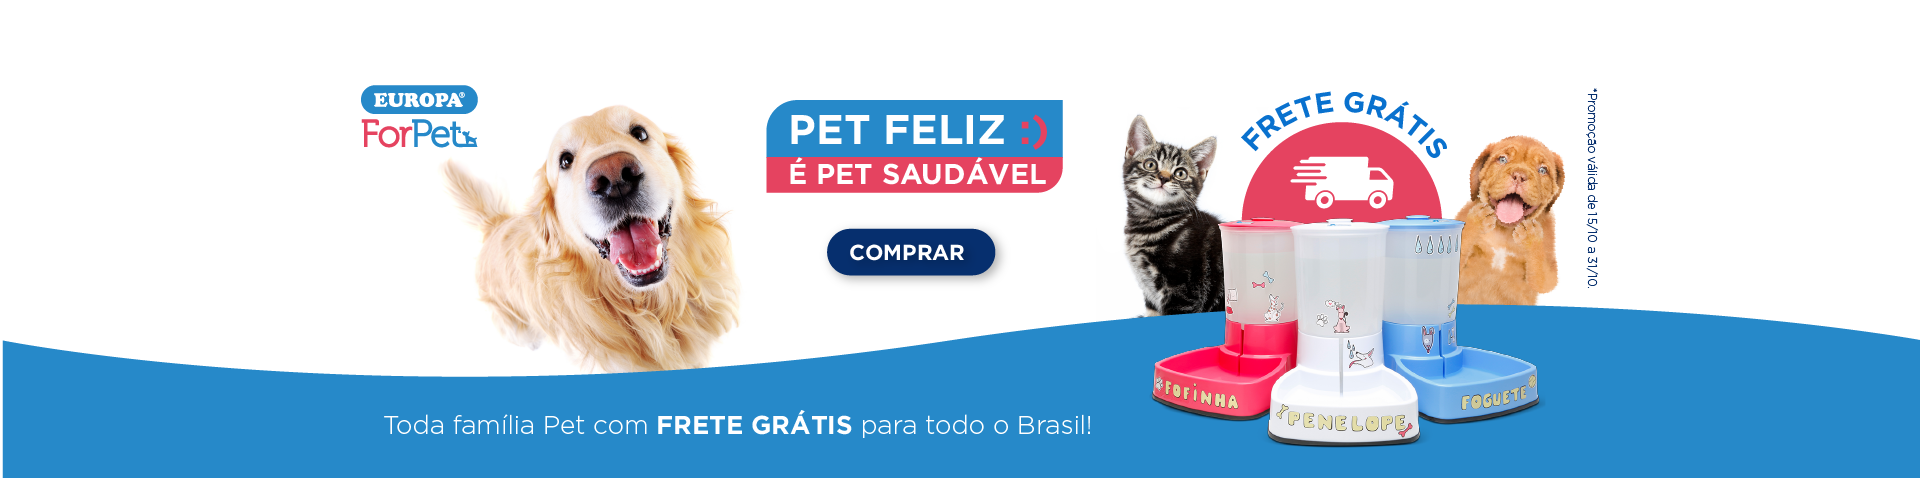 Campanha Pet